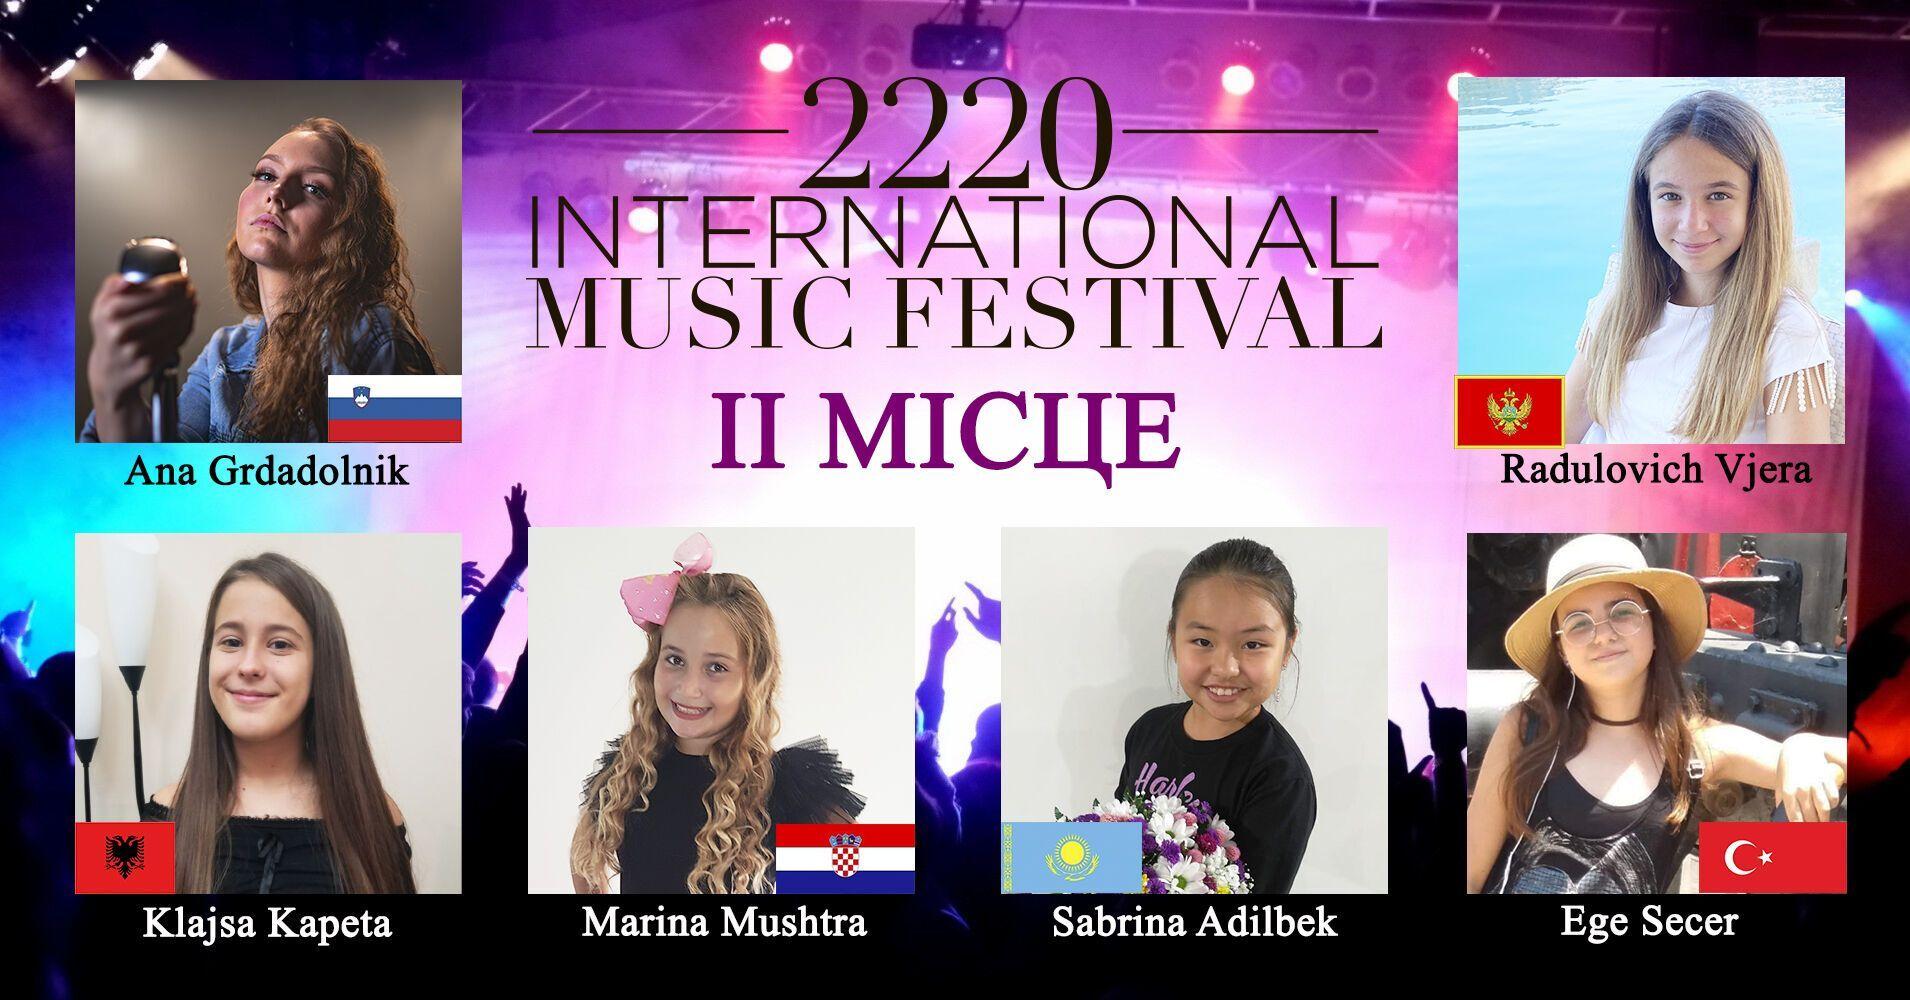 2220 International Music festival собрал 548 юных вокалистов из 14 стран